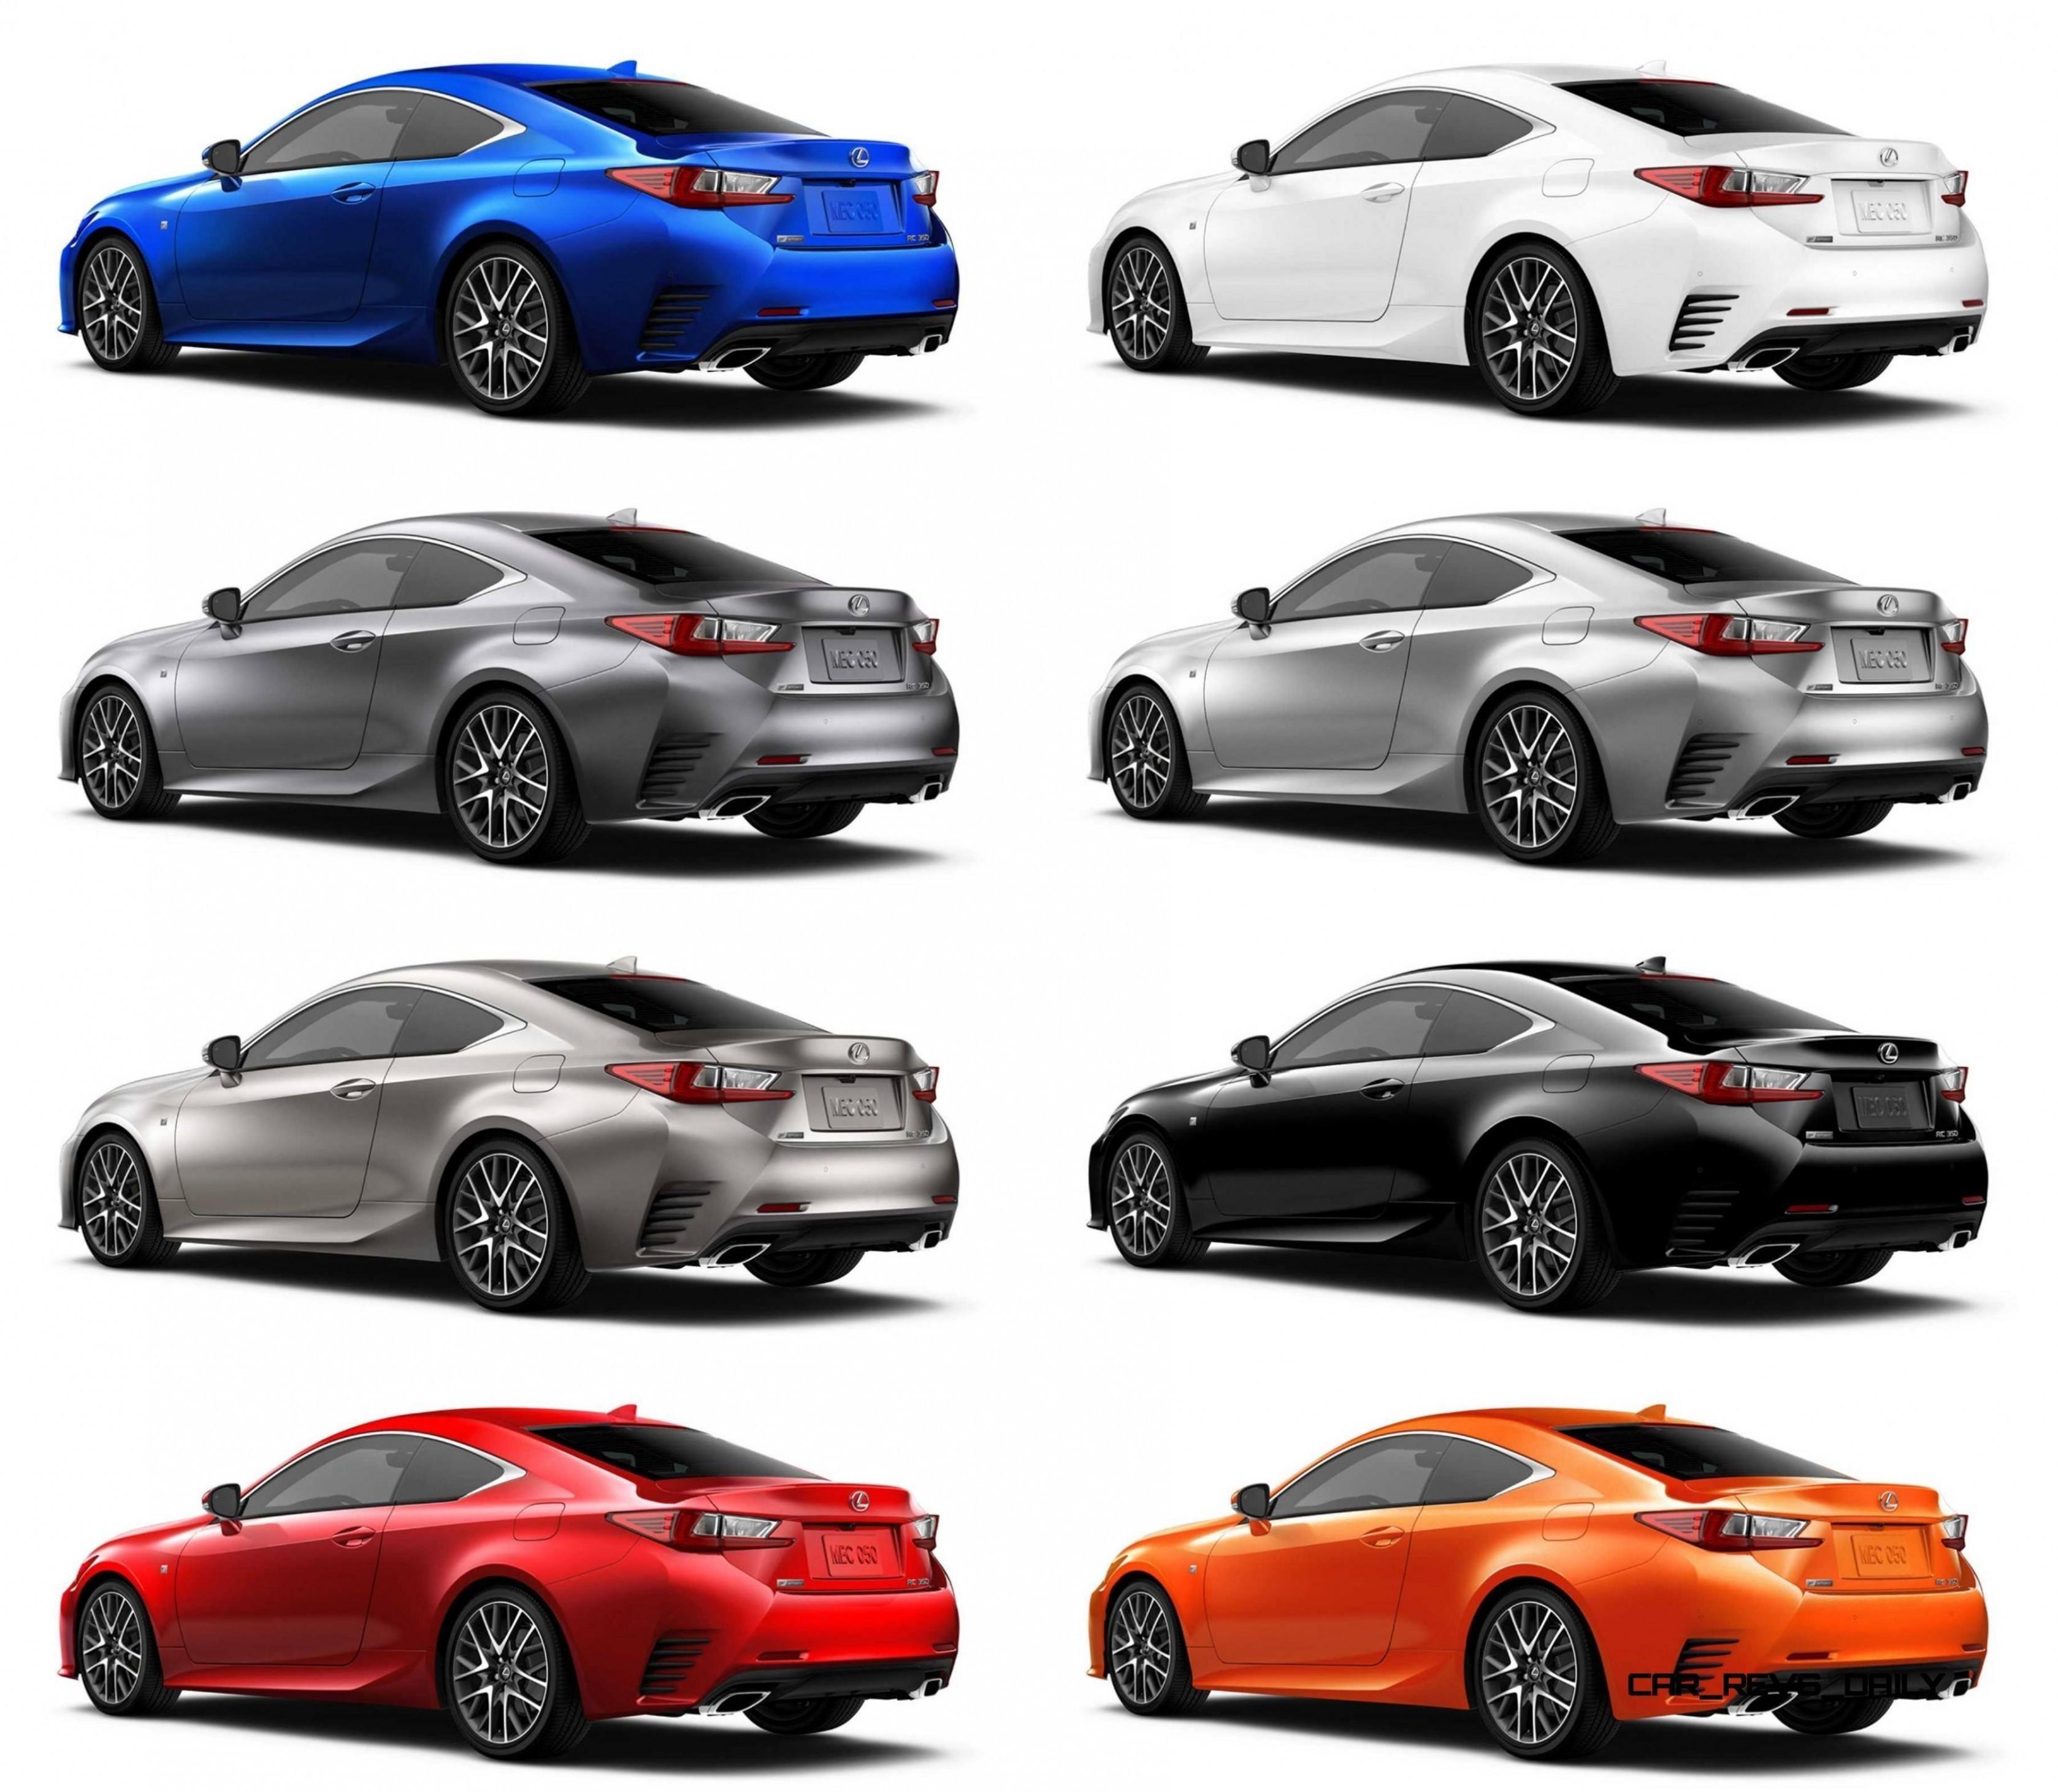 13 Amazing Best Sport Car 2019: 2015 Lexus RC350 Colors Visualizer + F Sport Vs Standard